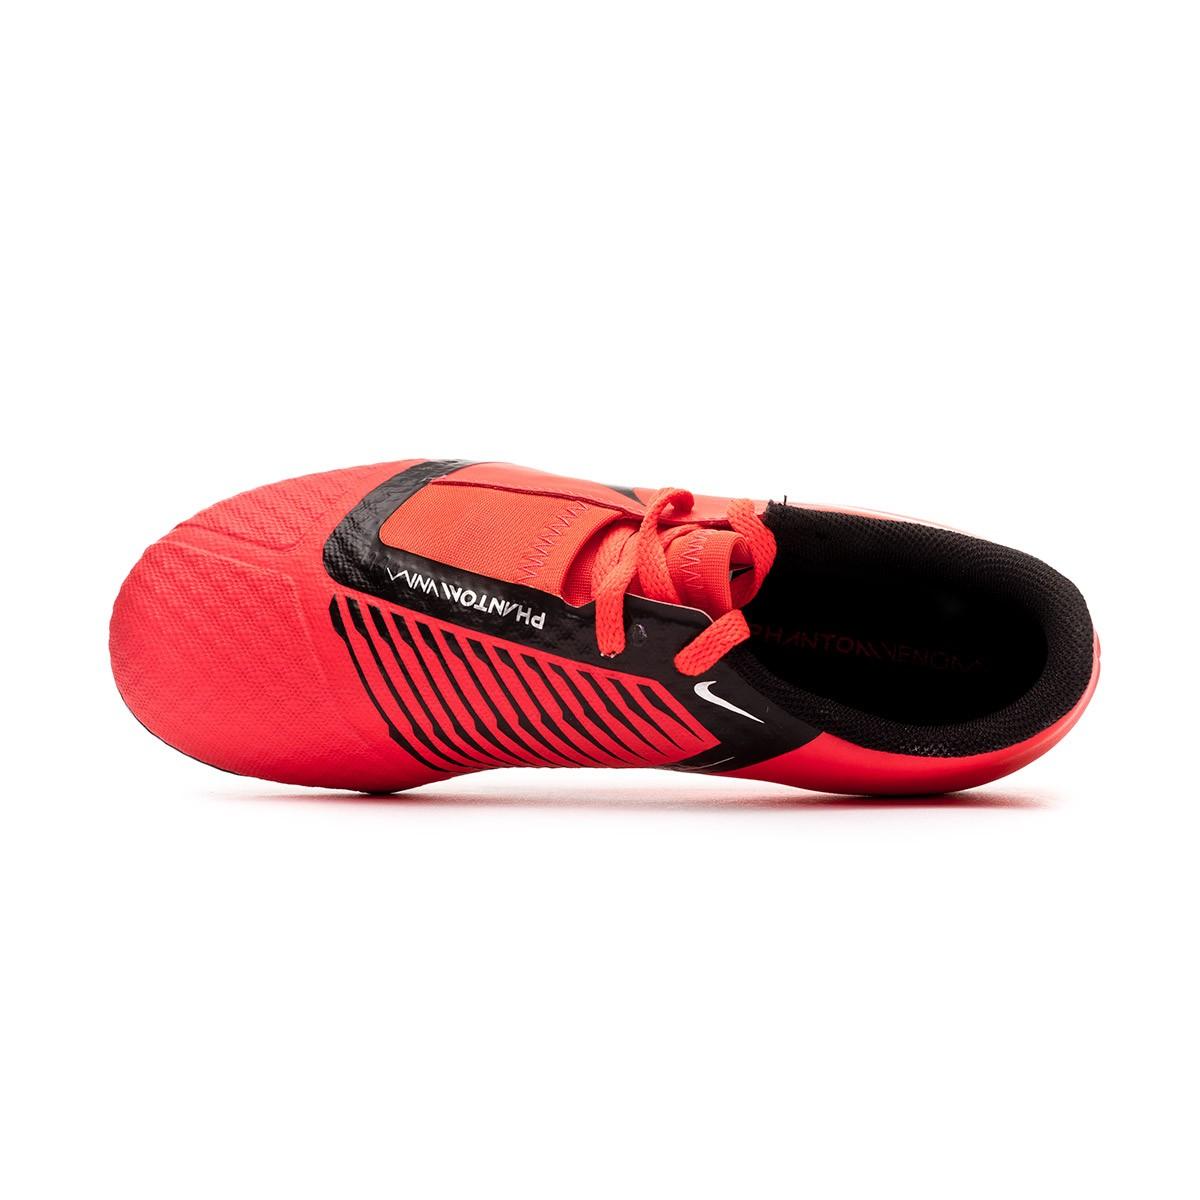 1fc55a5b3a8fbc Scarpe Nike Phantom Venom Academy FG Junior Bright crimson-Black - Negozio  di calcio Fútbol Emotion